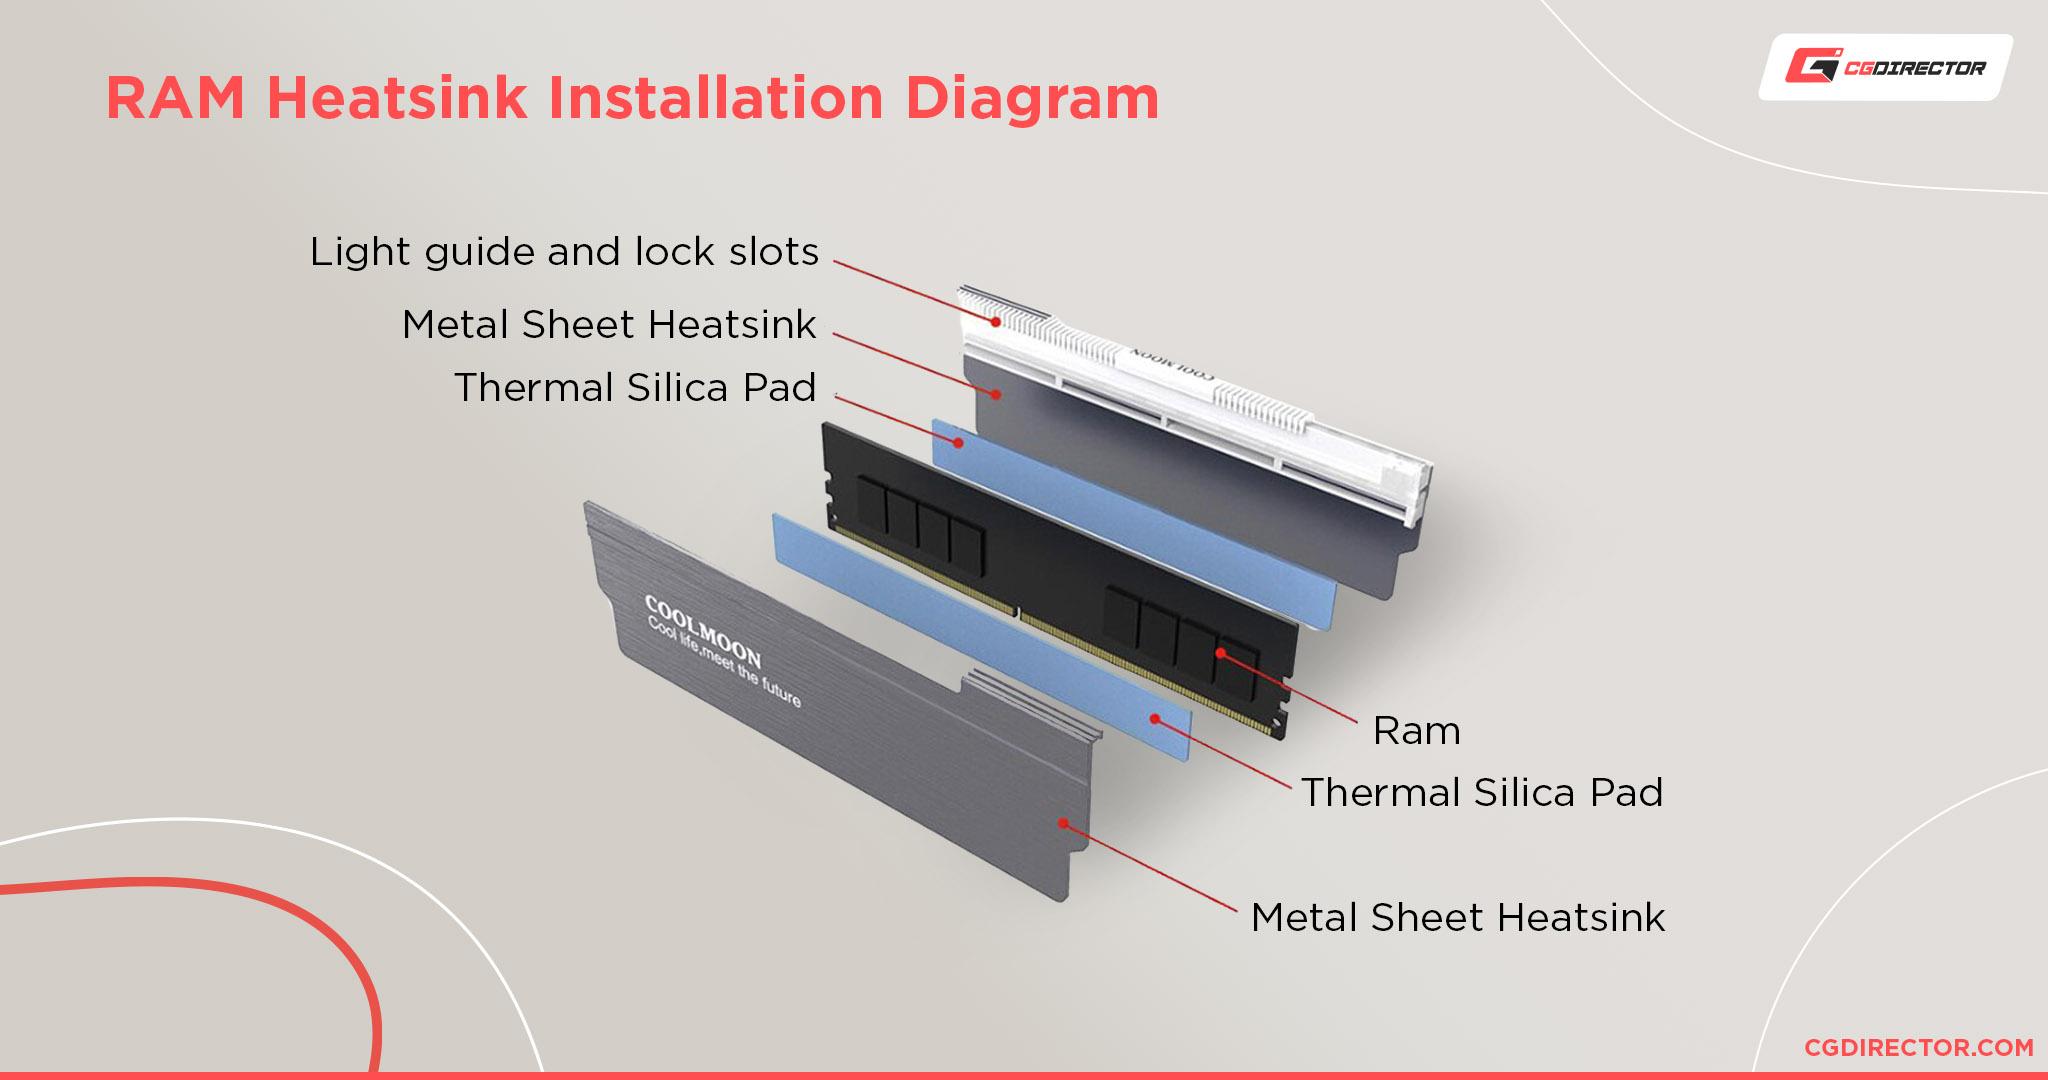 RAM Heatsink Installation Diagram